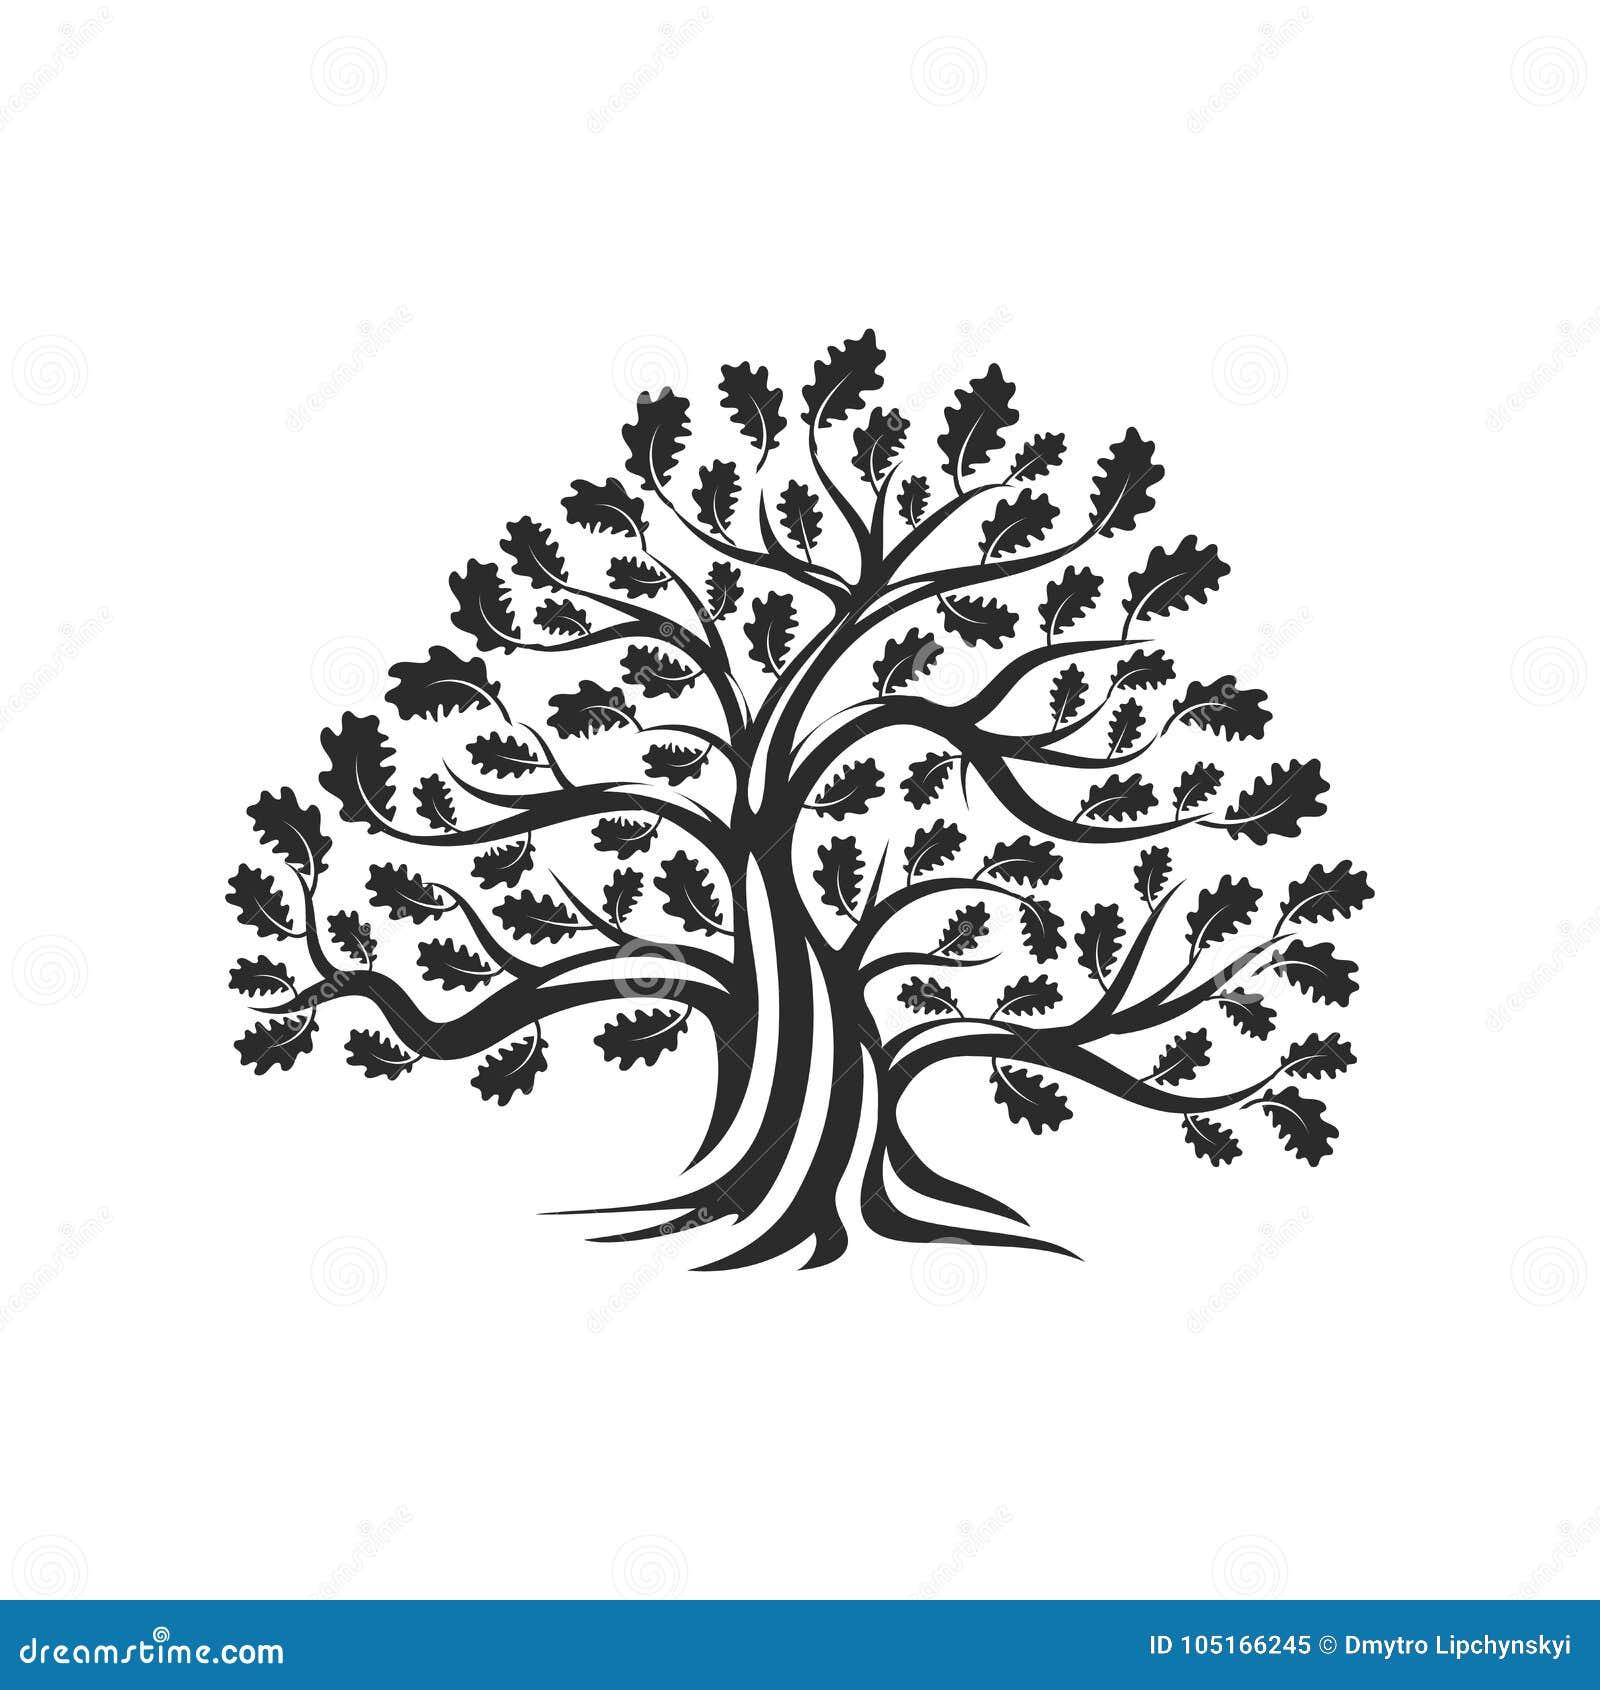 Distintivo enorme e sacro di logo della siluetta della quercia isolato su fondo bianco